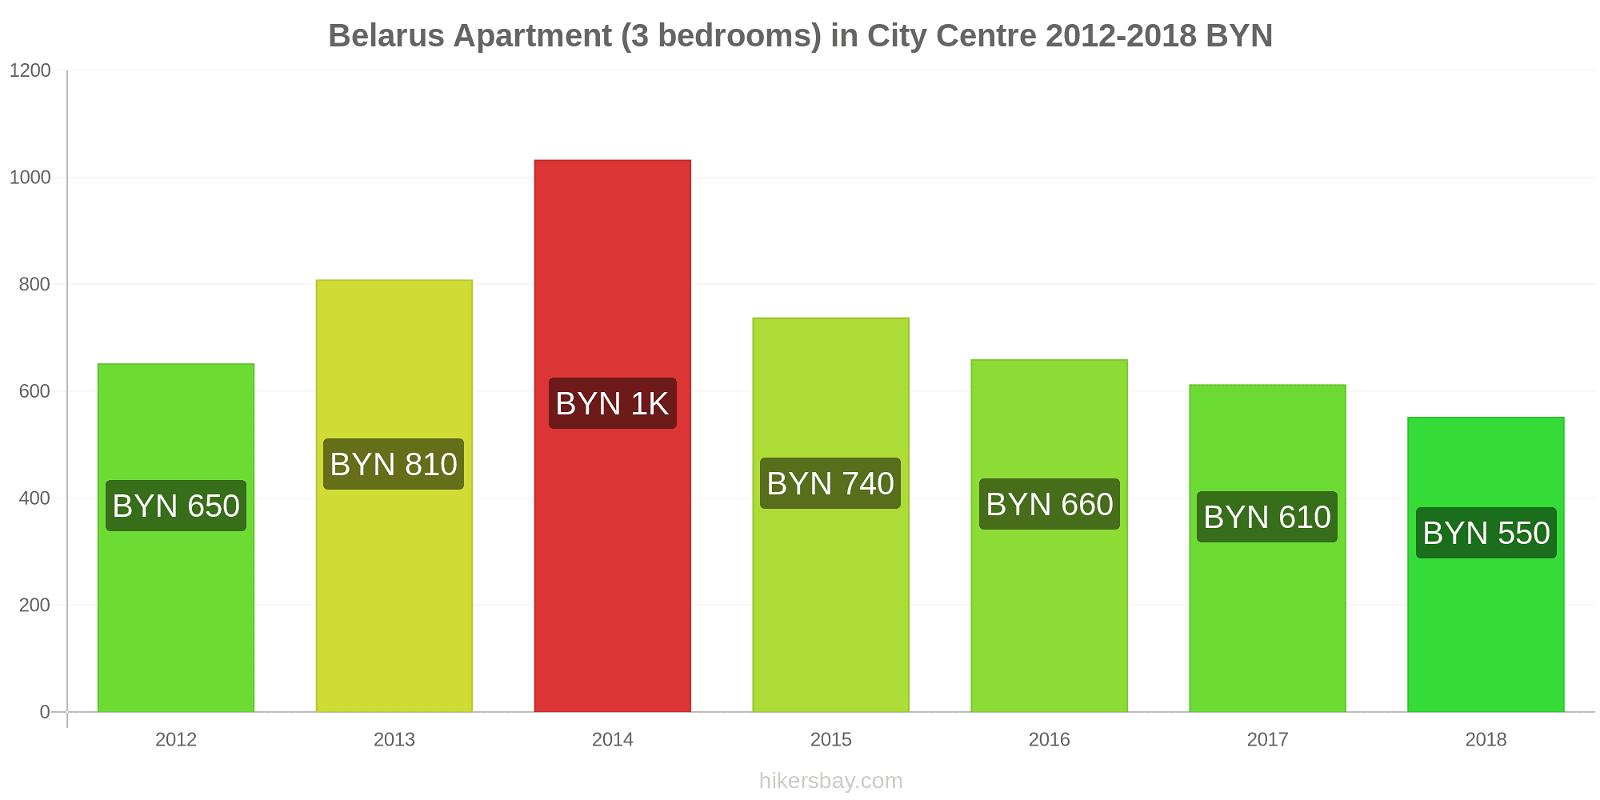 Belarus price changes Apartment (3 bedrooms) in City Centre hikersbay.com